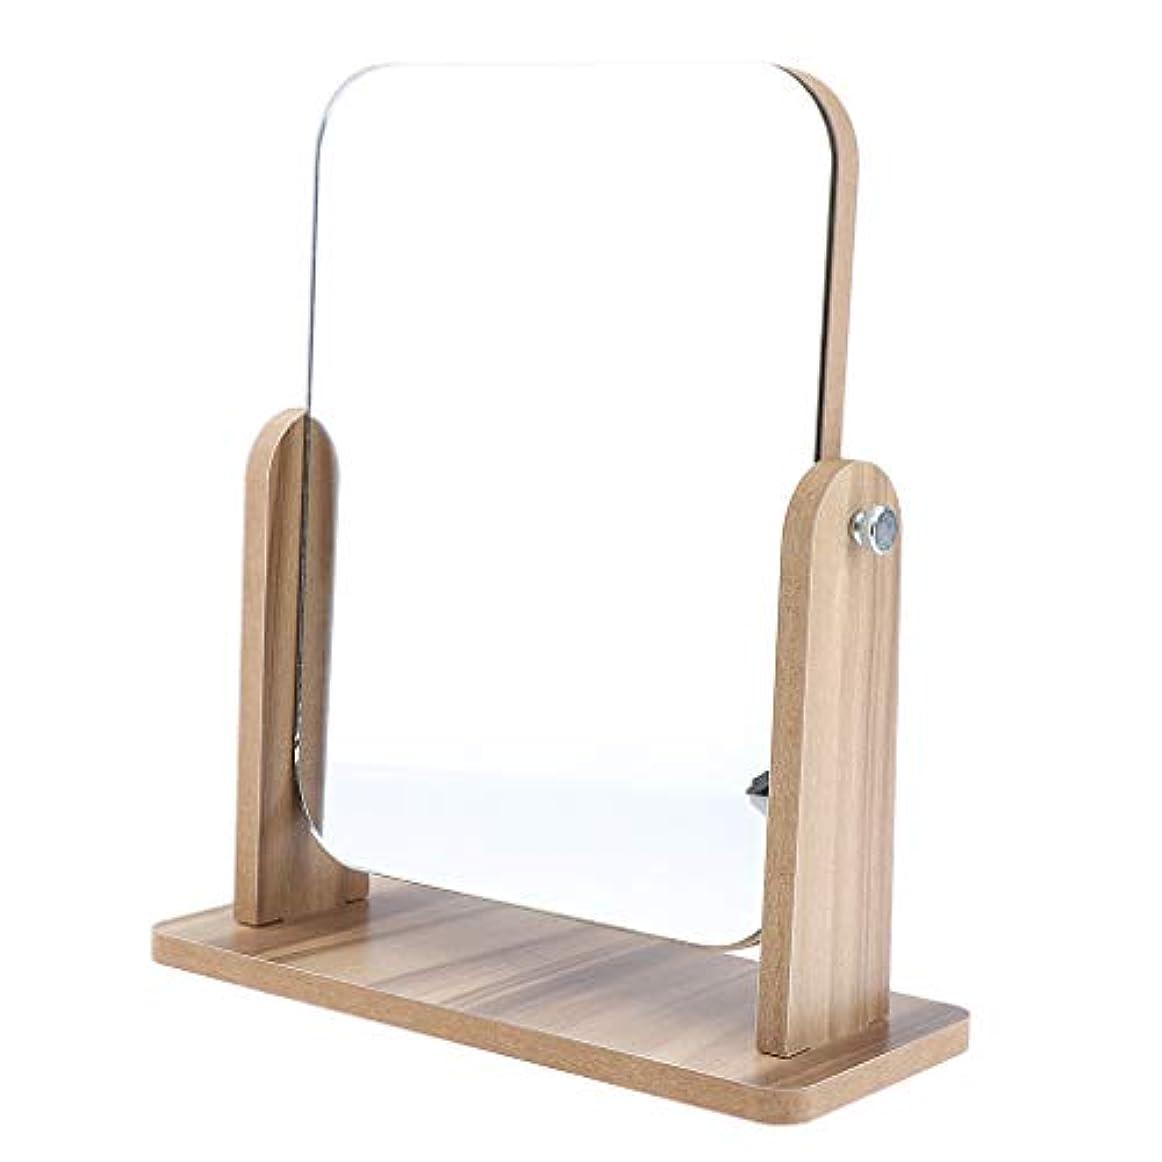 IPOTCH メイクミラー レトロ 美容ミラー 卓上ミラー 木製ベース 2サイズ選べ - 22x17 cm